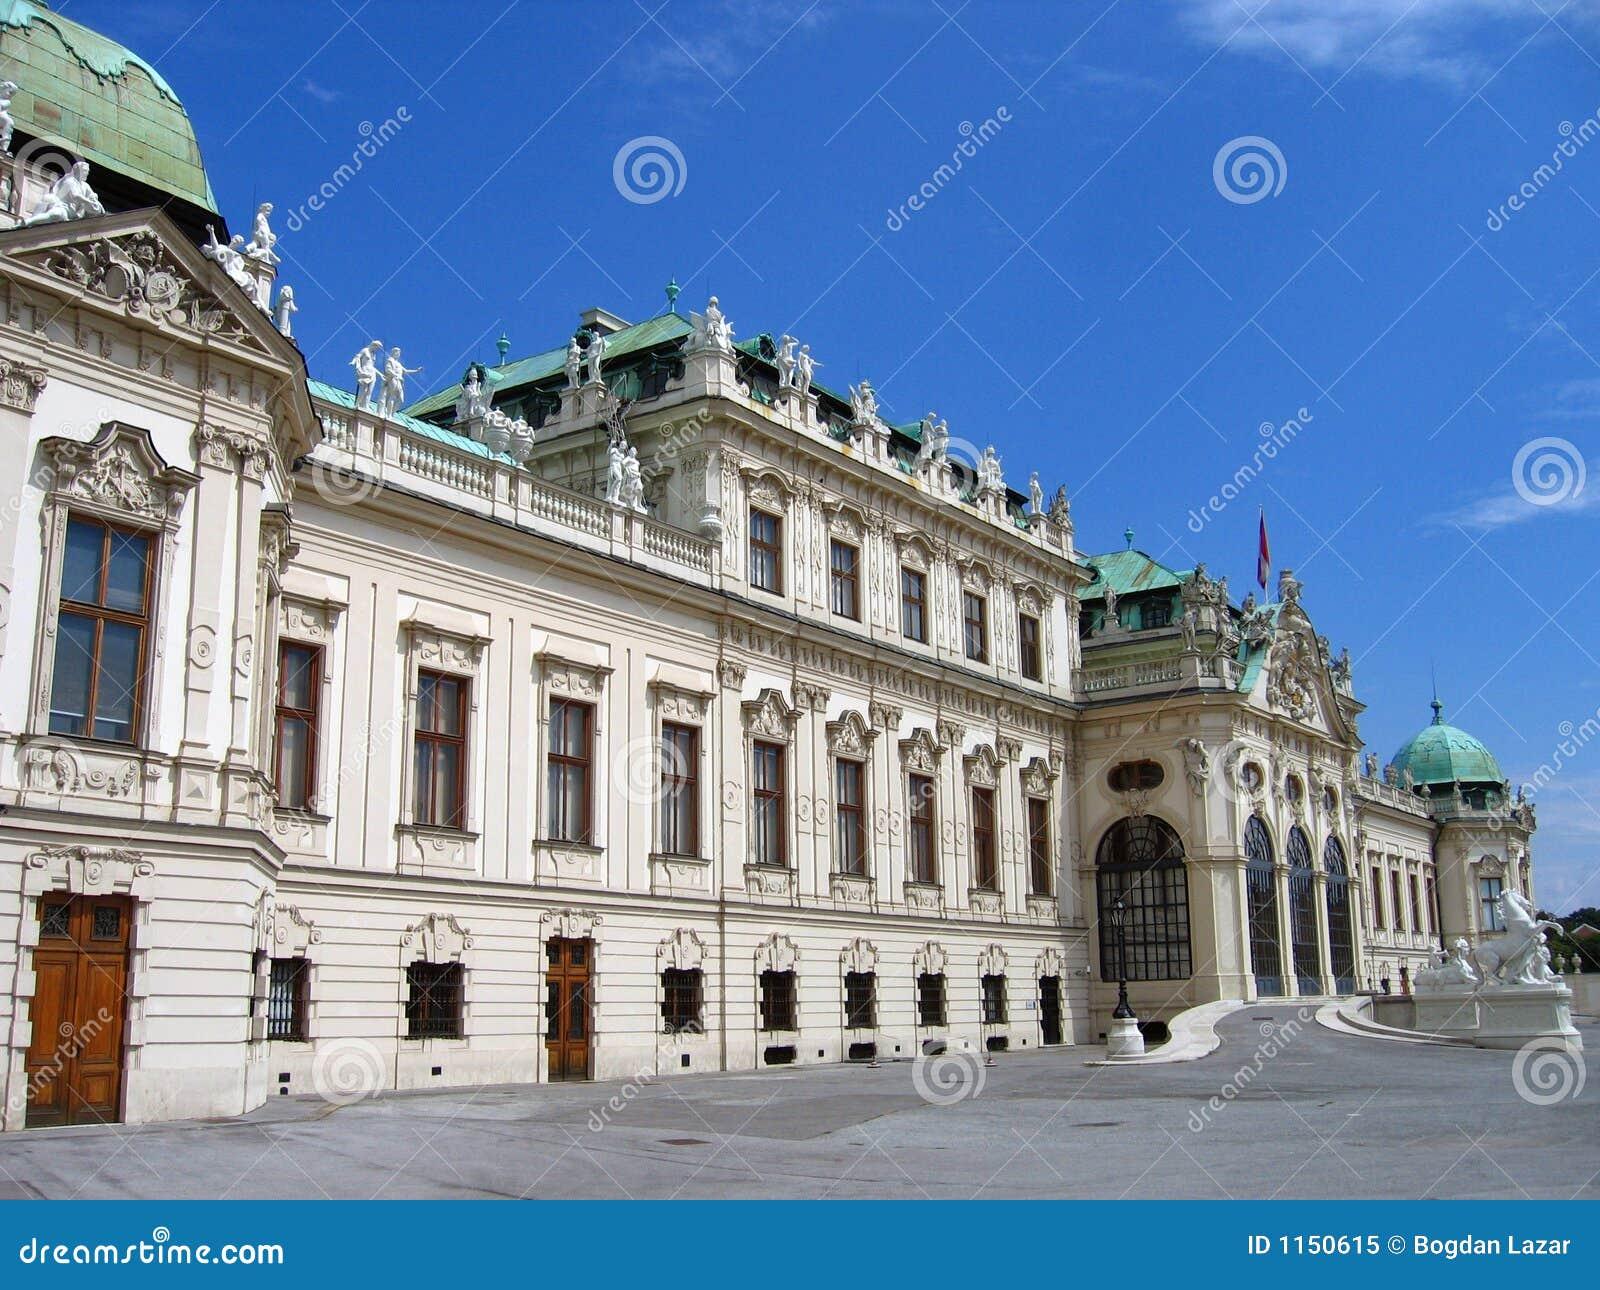 Palacio superior del belvedere - Viena, Austria